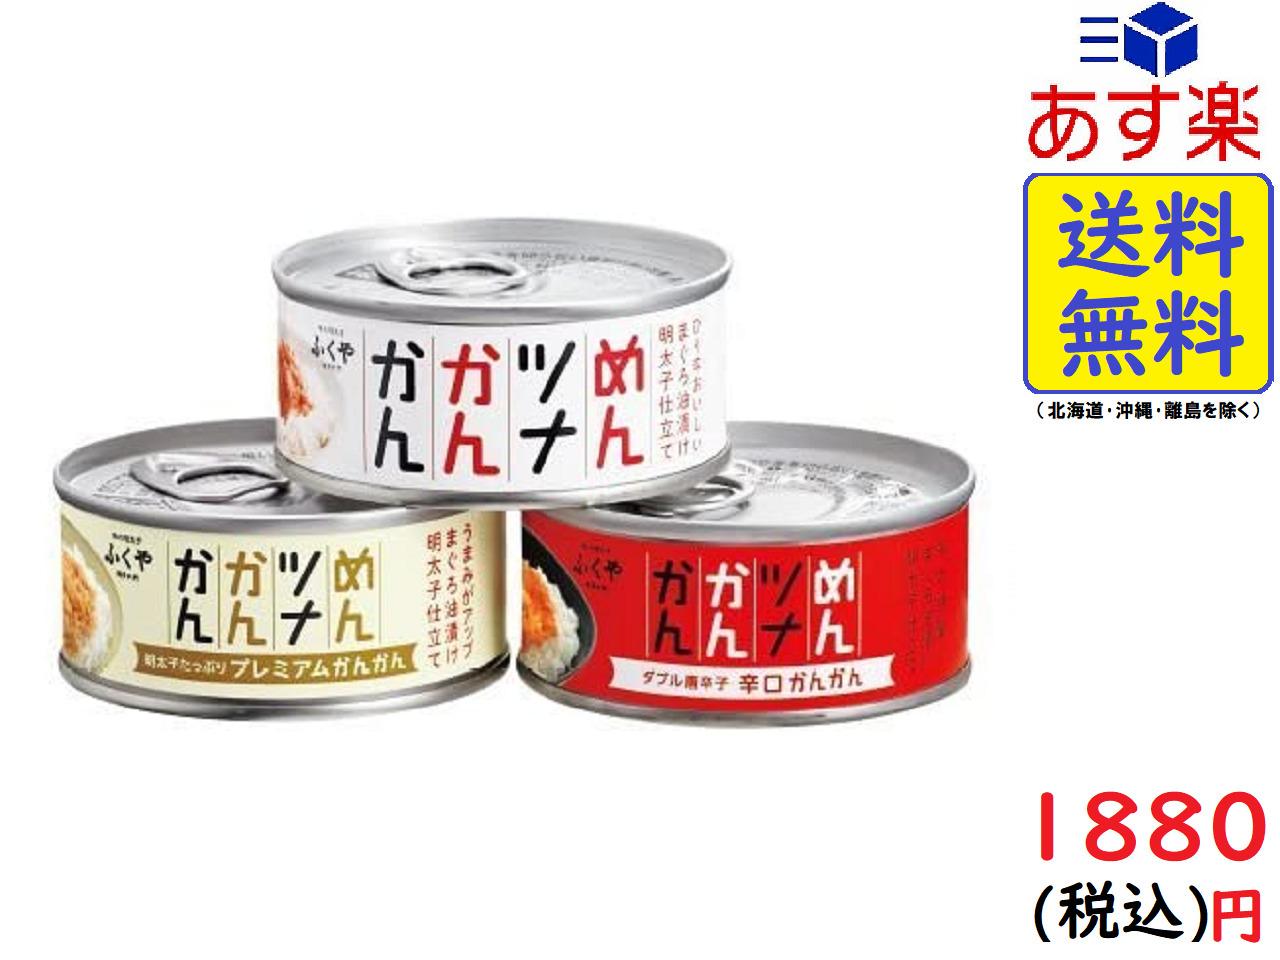 送料無料 あす楽対応 博多中洲味の明太子ふくや 食べ比べ3缶セット ランキング総合1位 ランキングTOP5 めんツナかんかん